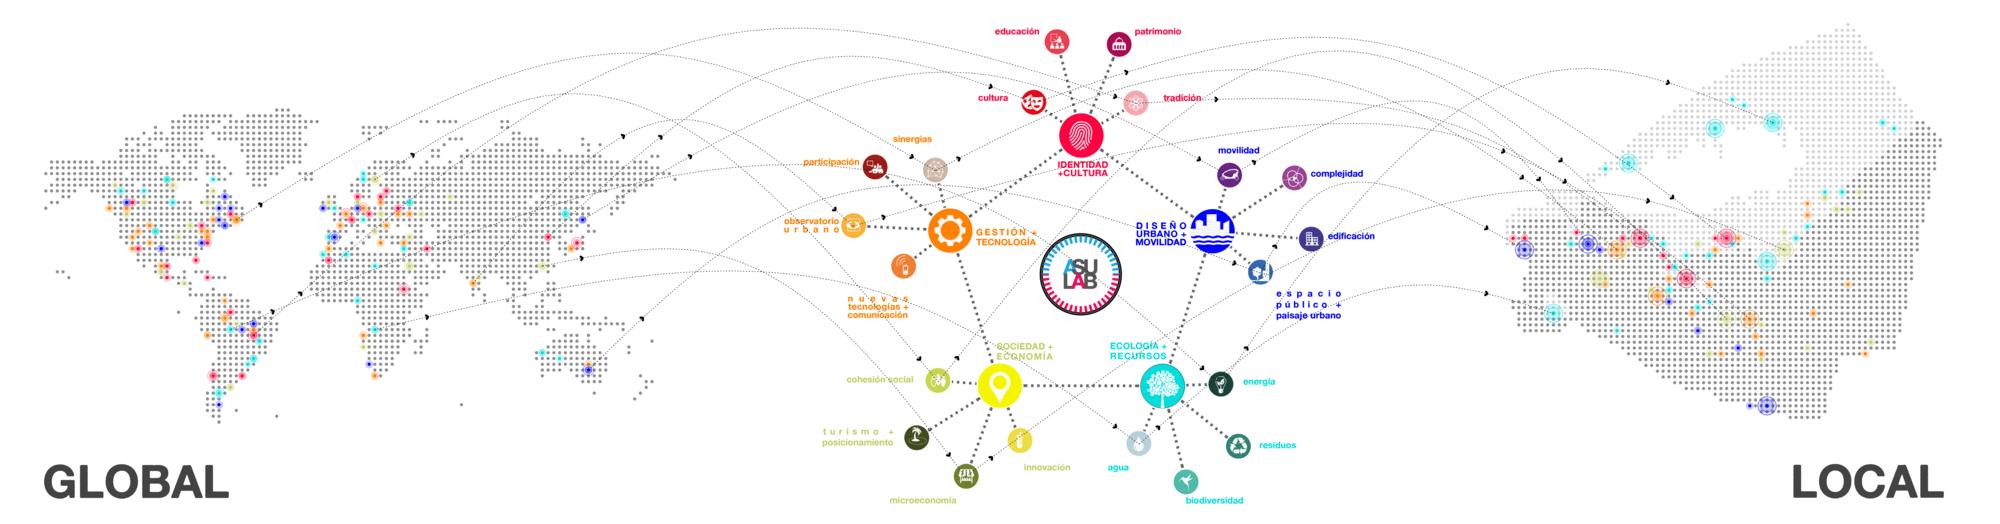 Esquema de desarrollo del proceso, con el ASU-LAB como conector entre las instituciones y la ciudadanía y motor de implementación de las acciones. Image © Ecosistema Urbano